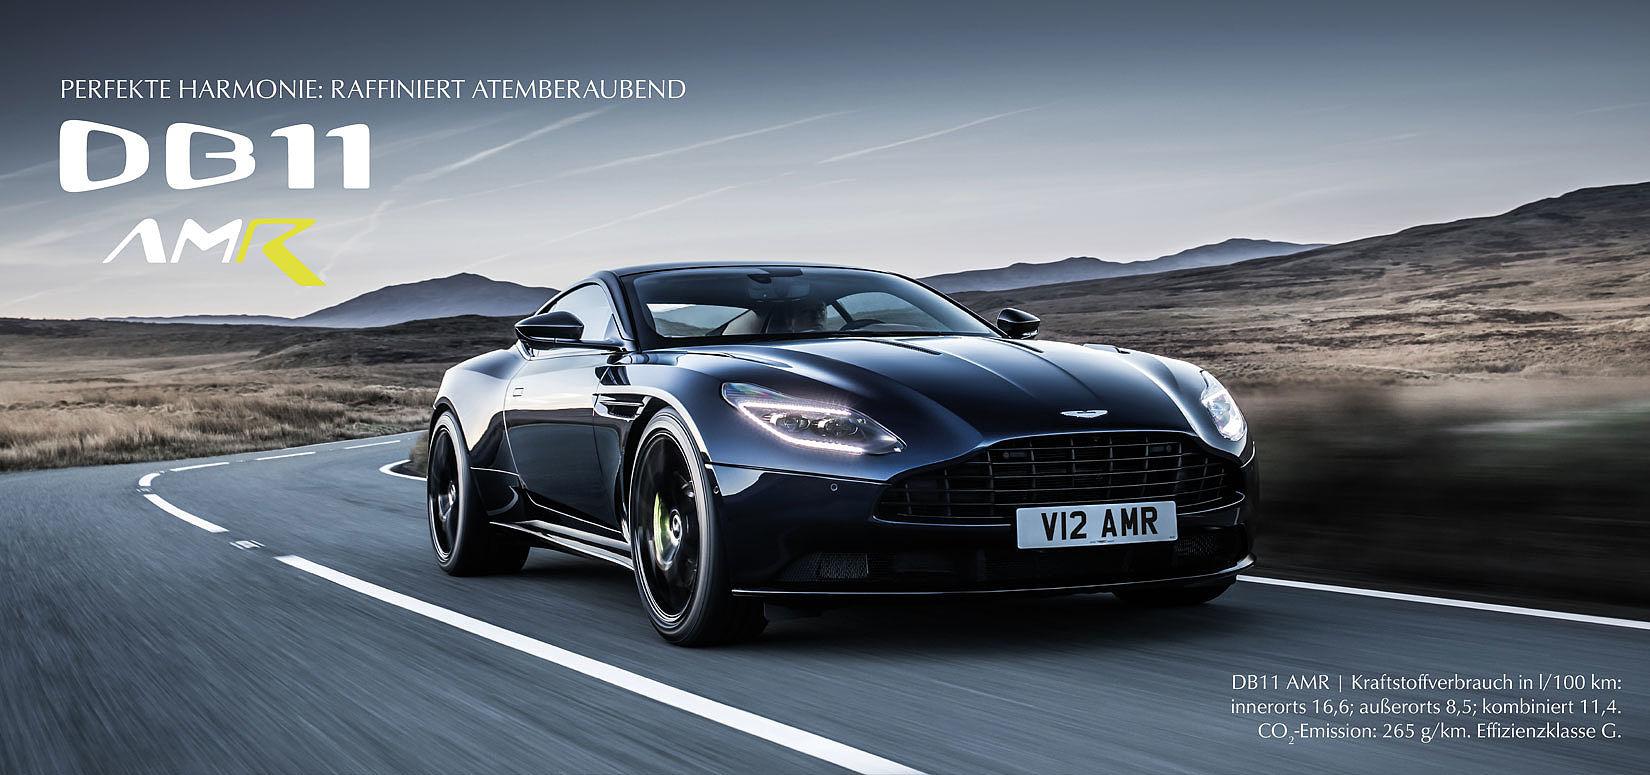 Herzlich Willkommen Bei Aston Martin Stuttgart